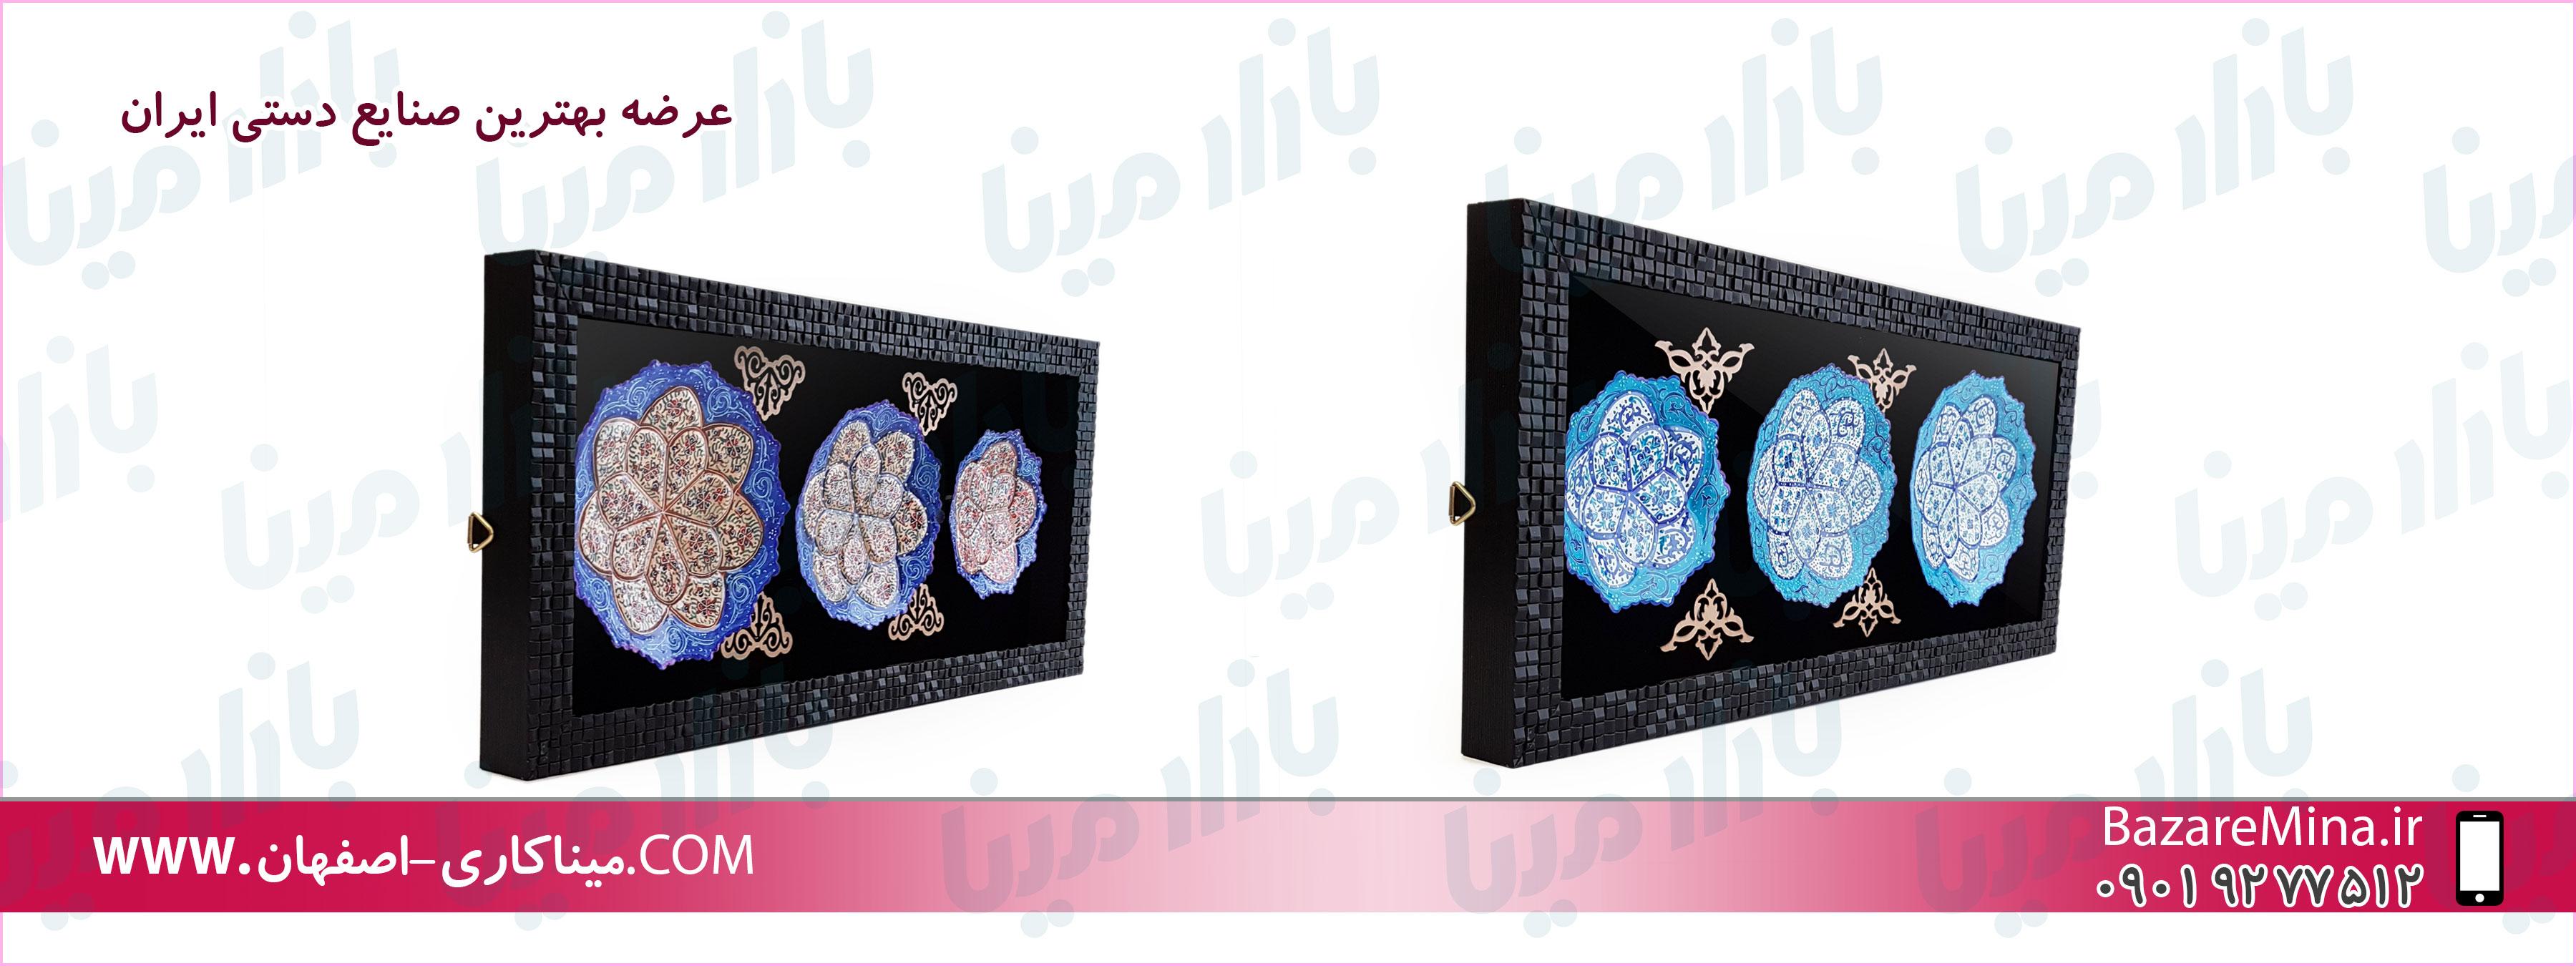 ظروف میناکاری شده اصفهان